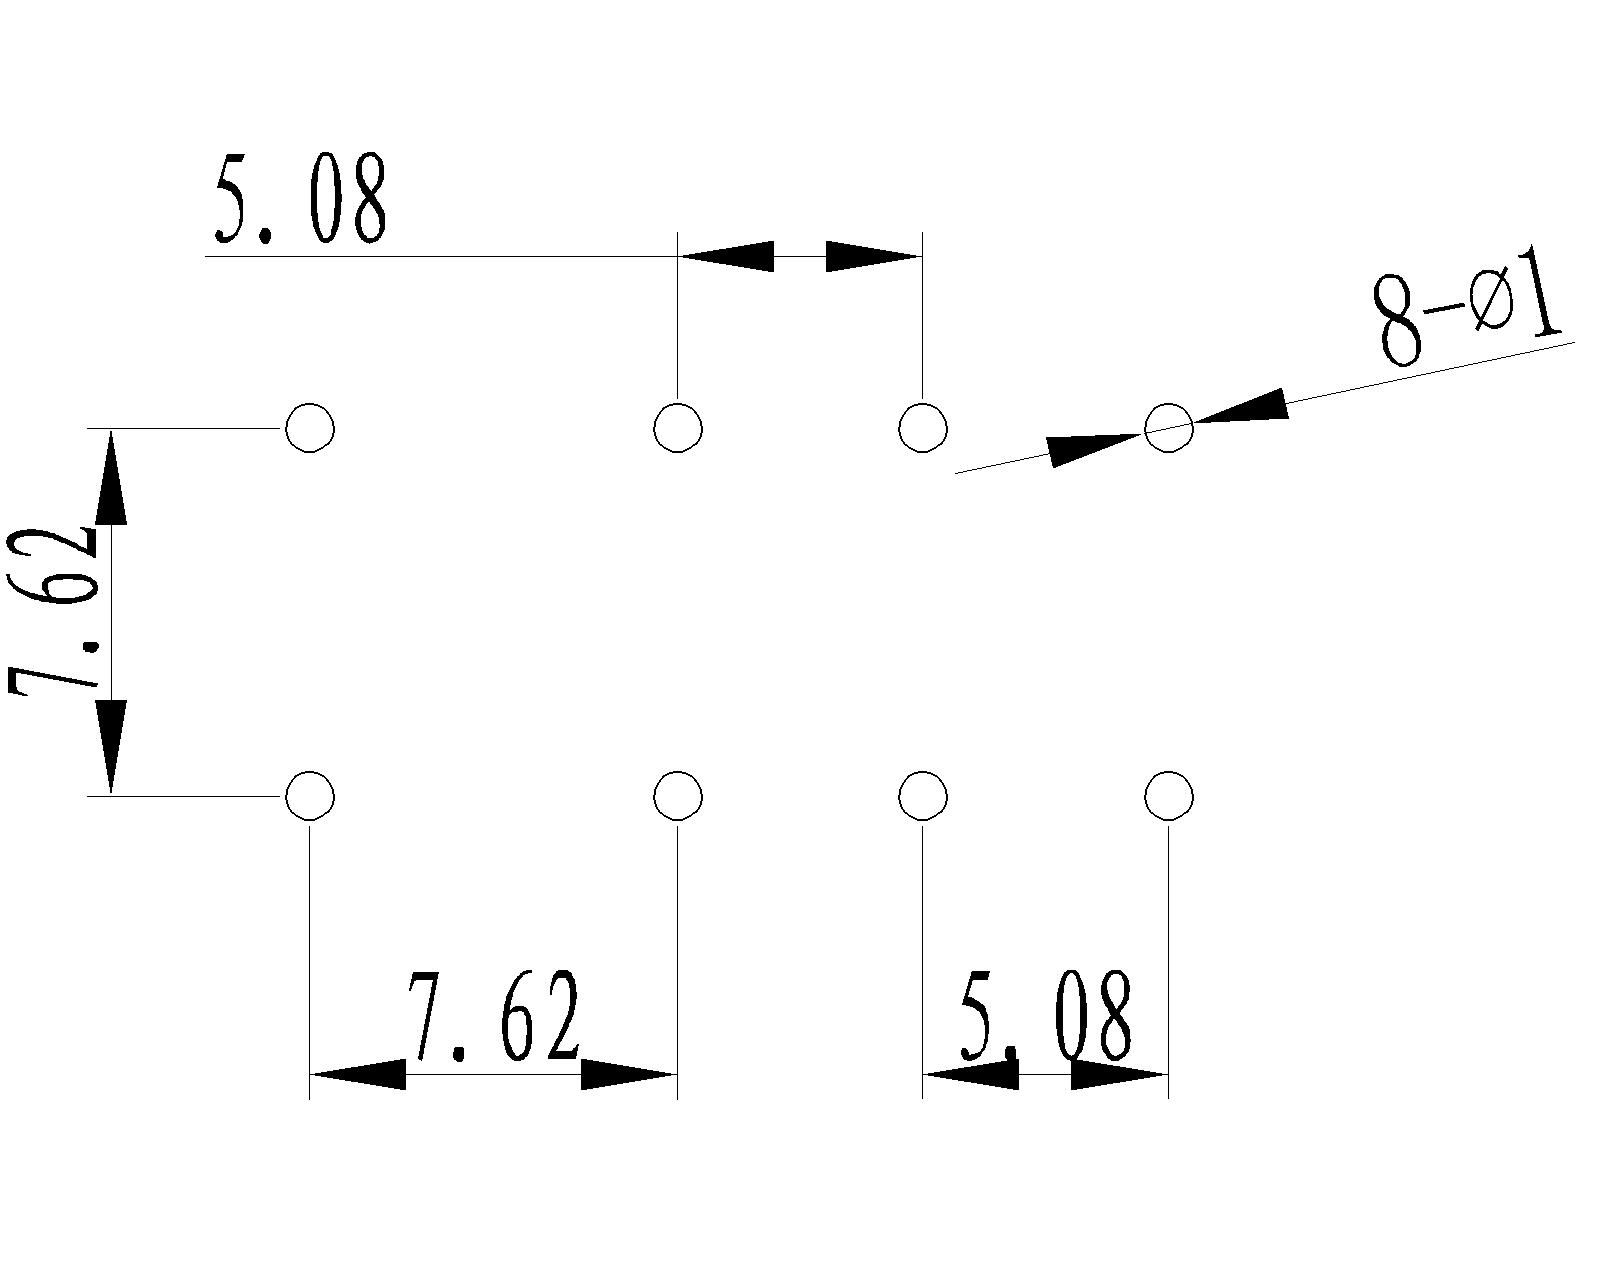 Endurance Wiring Diagram